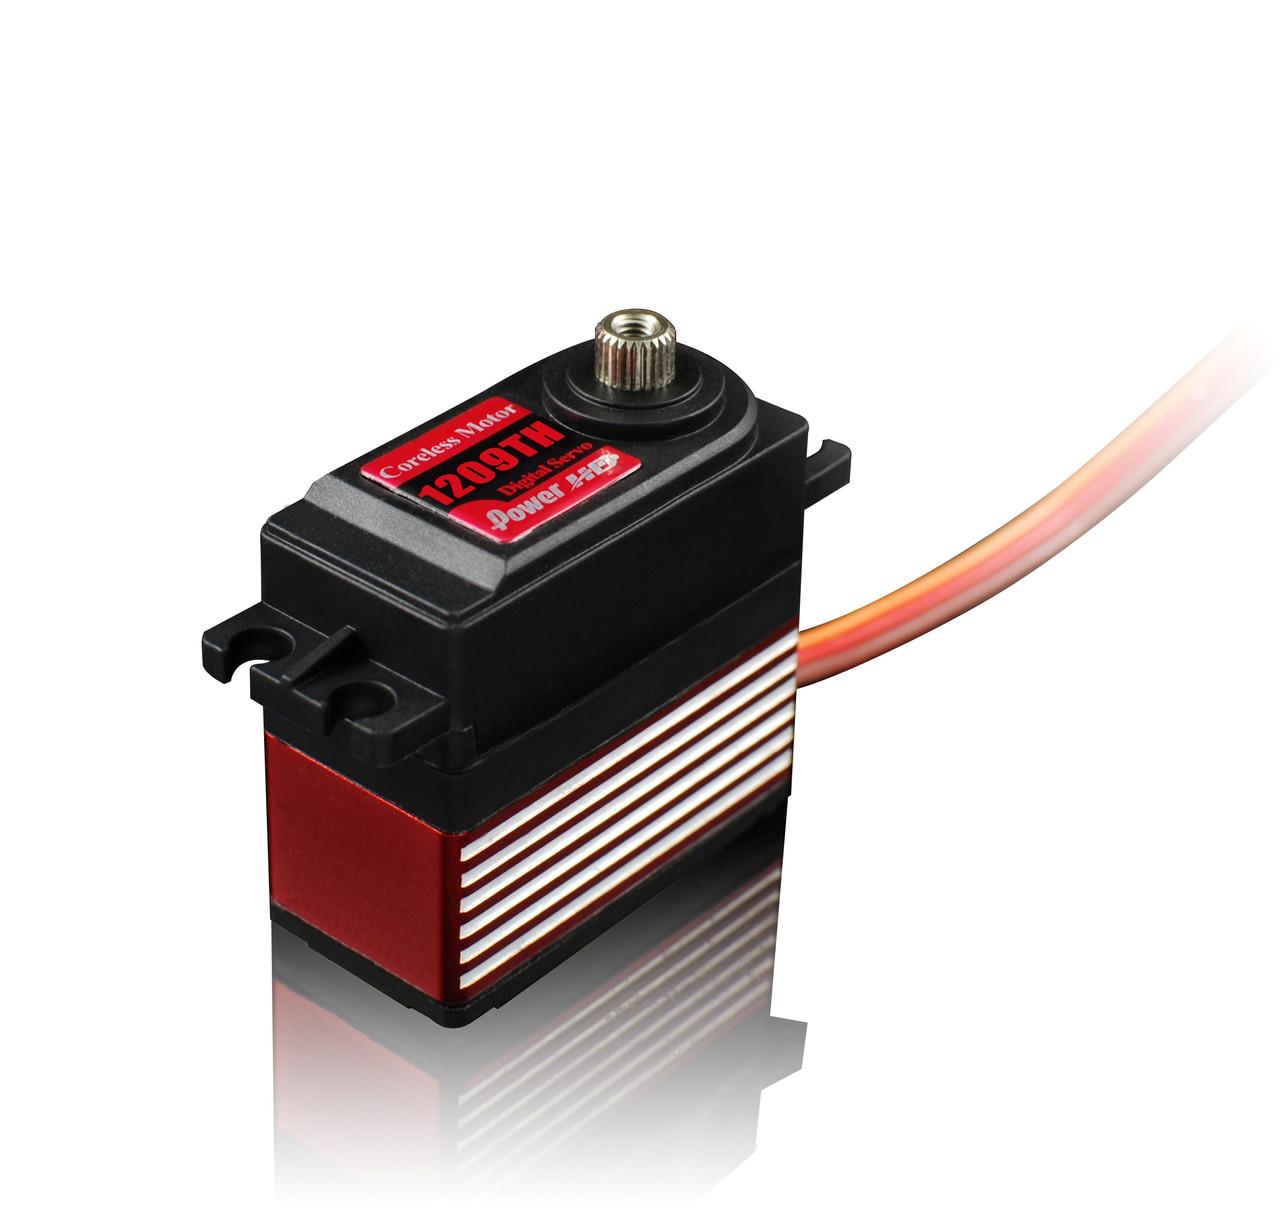 Сервопривод HV стандарт 57г Power HD 1209TH 9кг/0.1сек цифровий